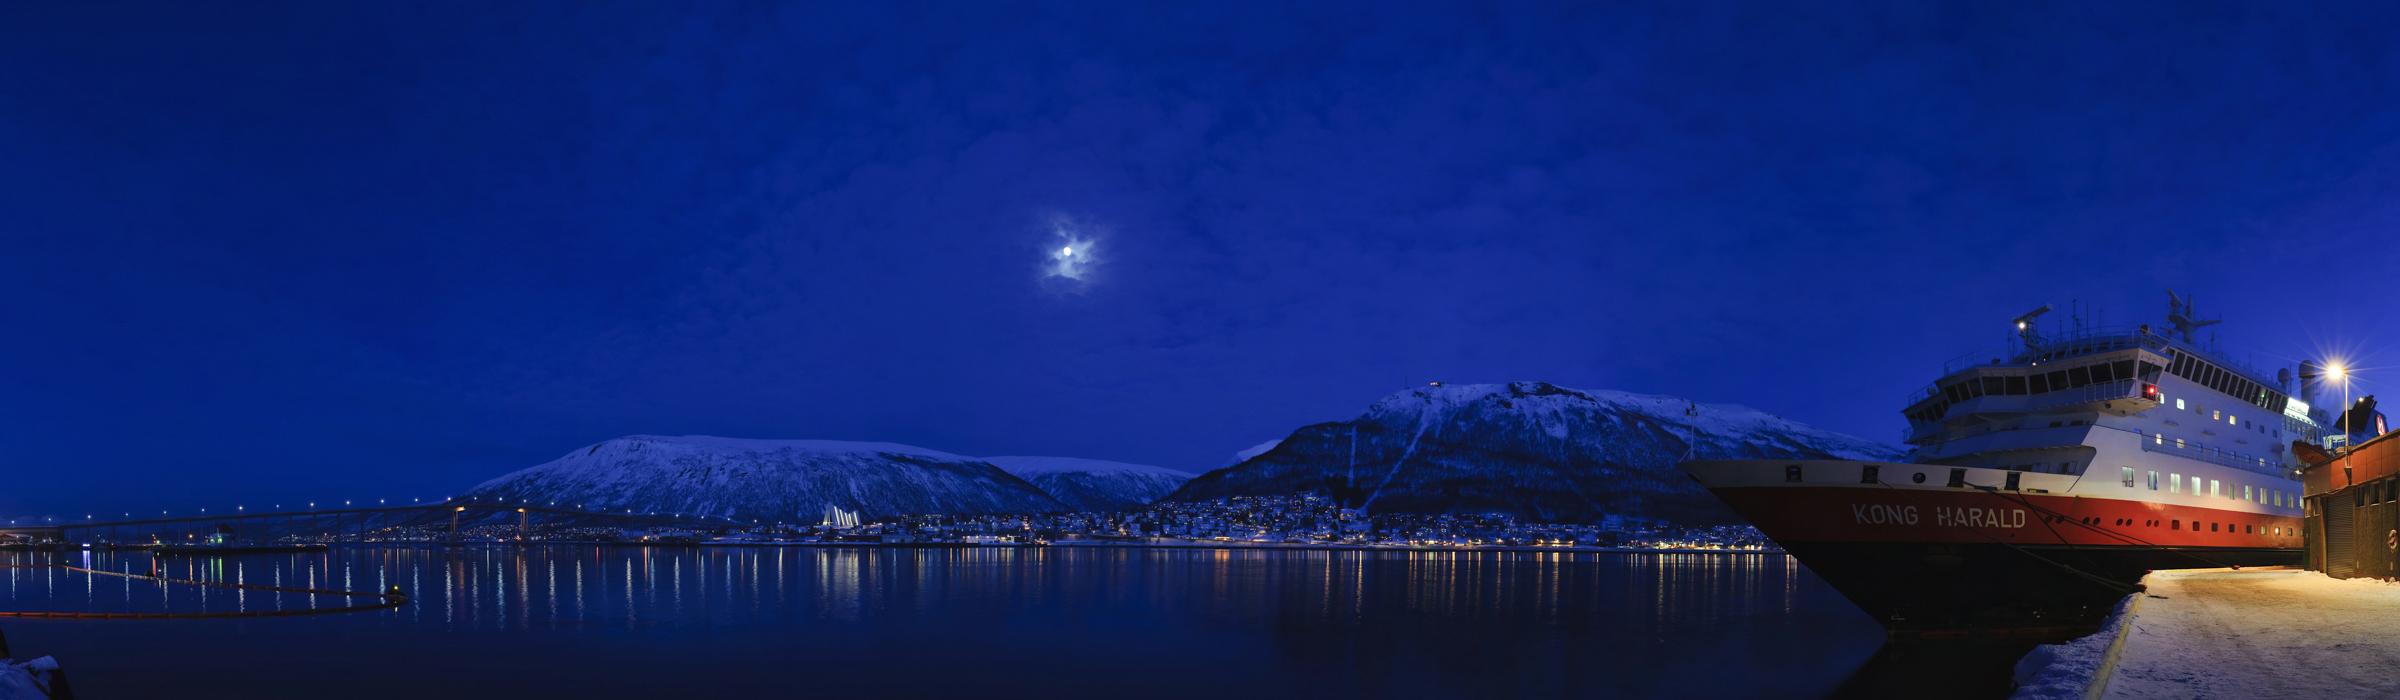 Winterreisen mit Hurtigruten - Panorama bei Nacht